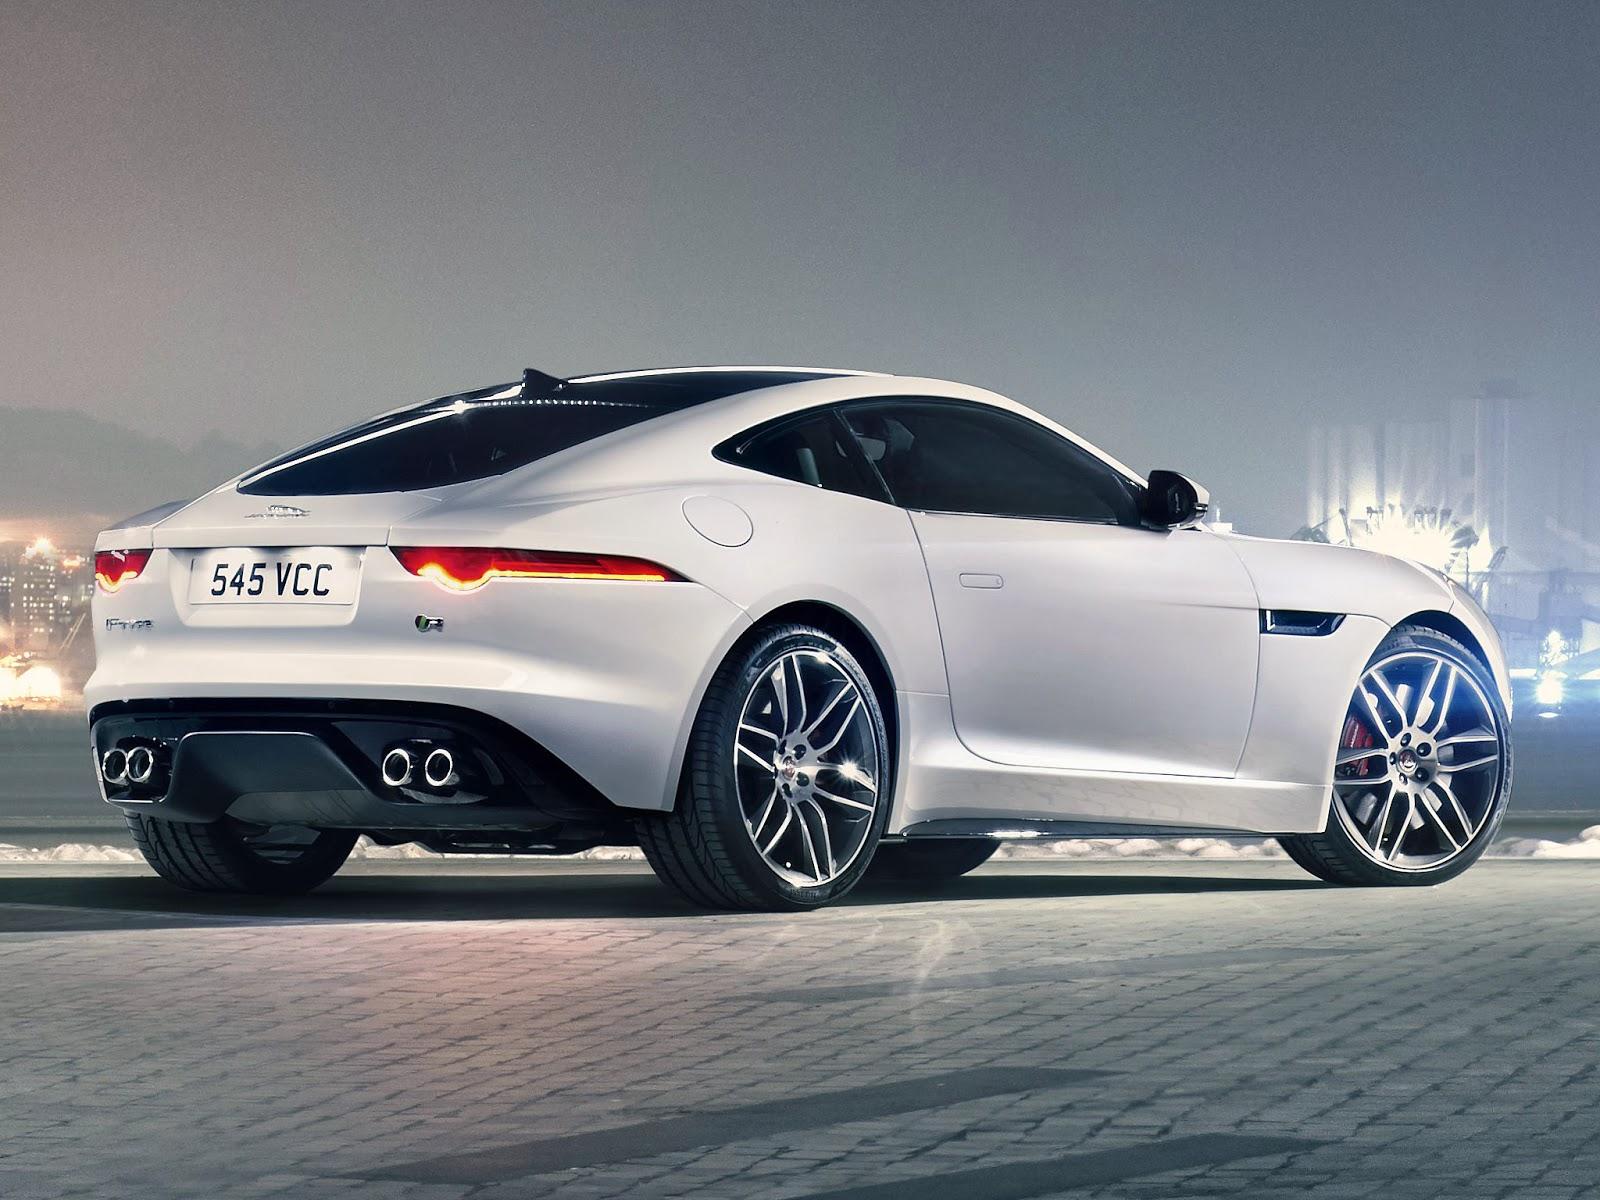 Já A Mais Apimentada Das Versões, A R Coupe [fotos], Traz Um 5.0 V8 De 550  Cv, Que Levam O Carro De 0 A 100 Km/h Em 4,2 Segundos E 299 Km/h ...